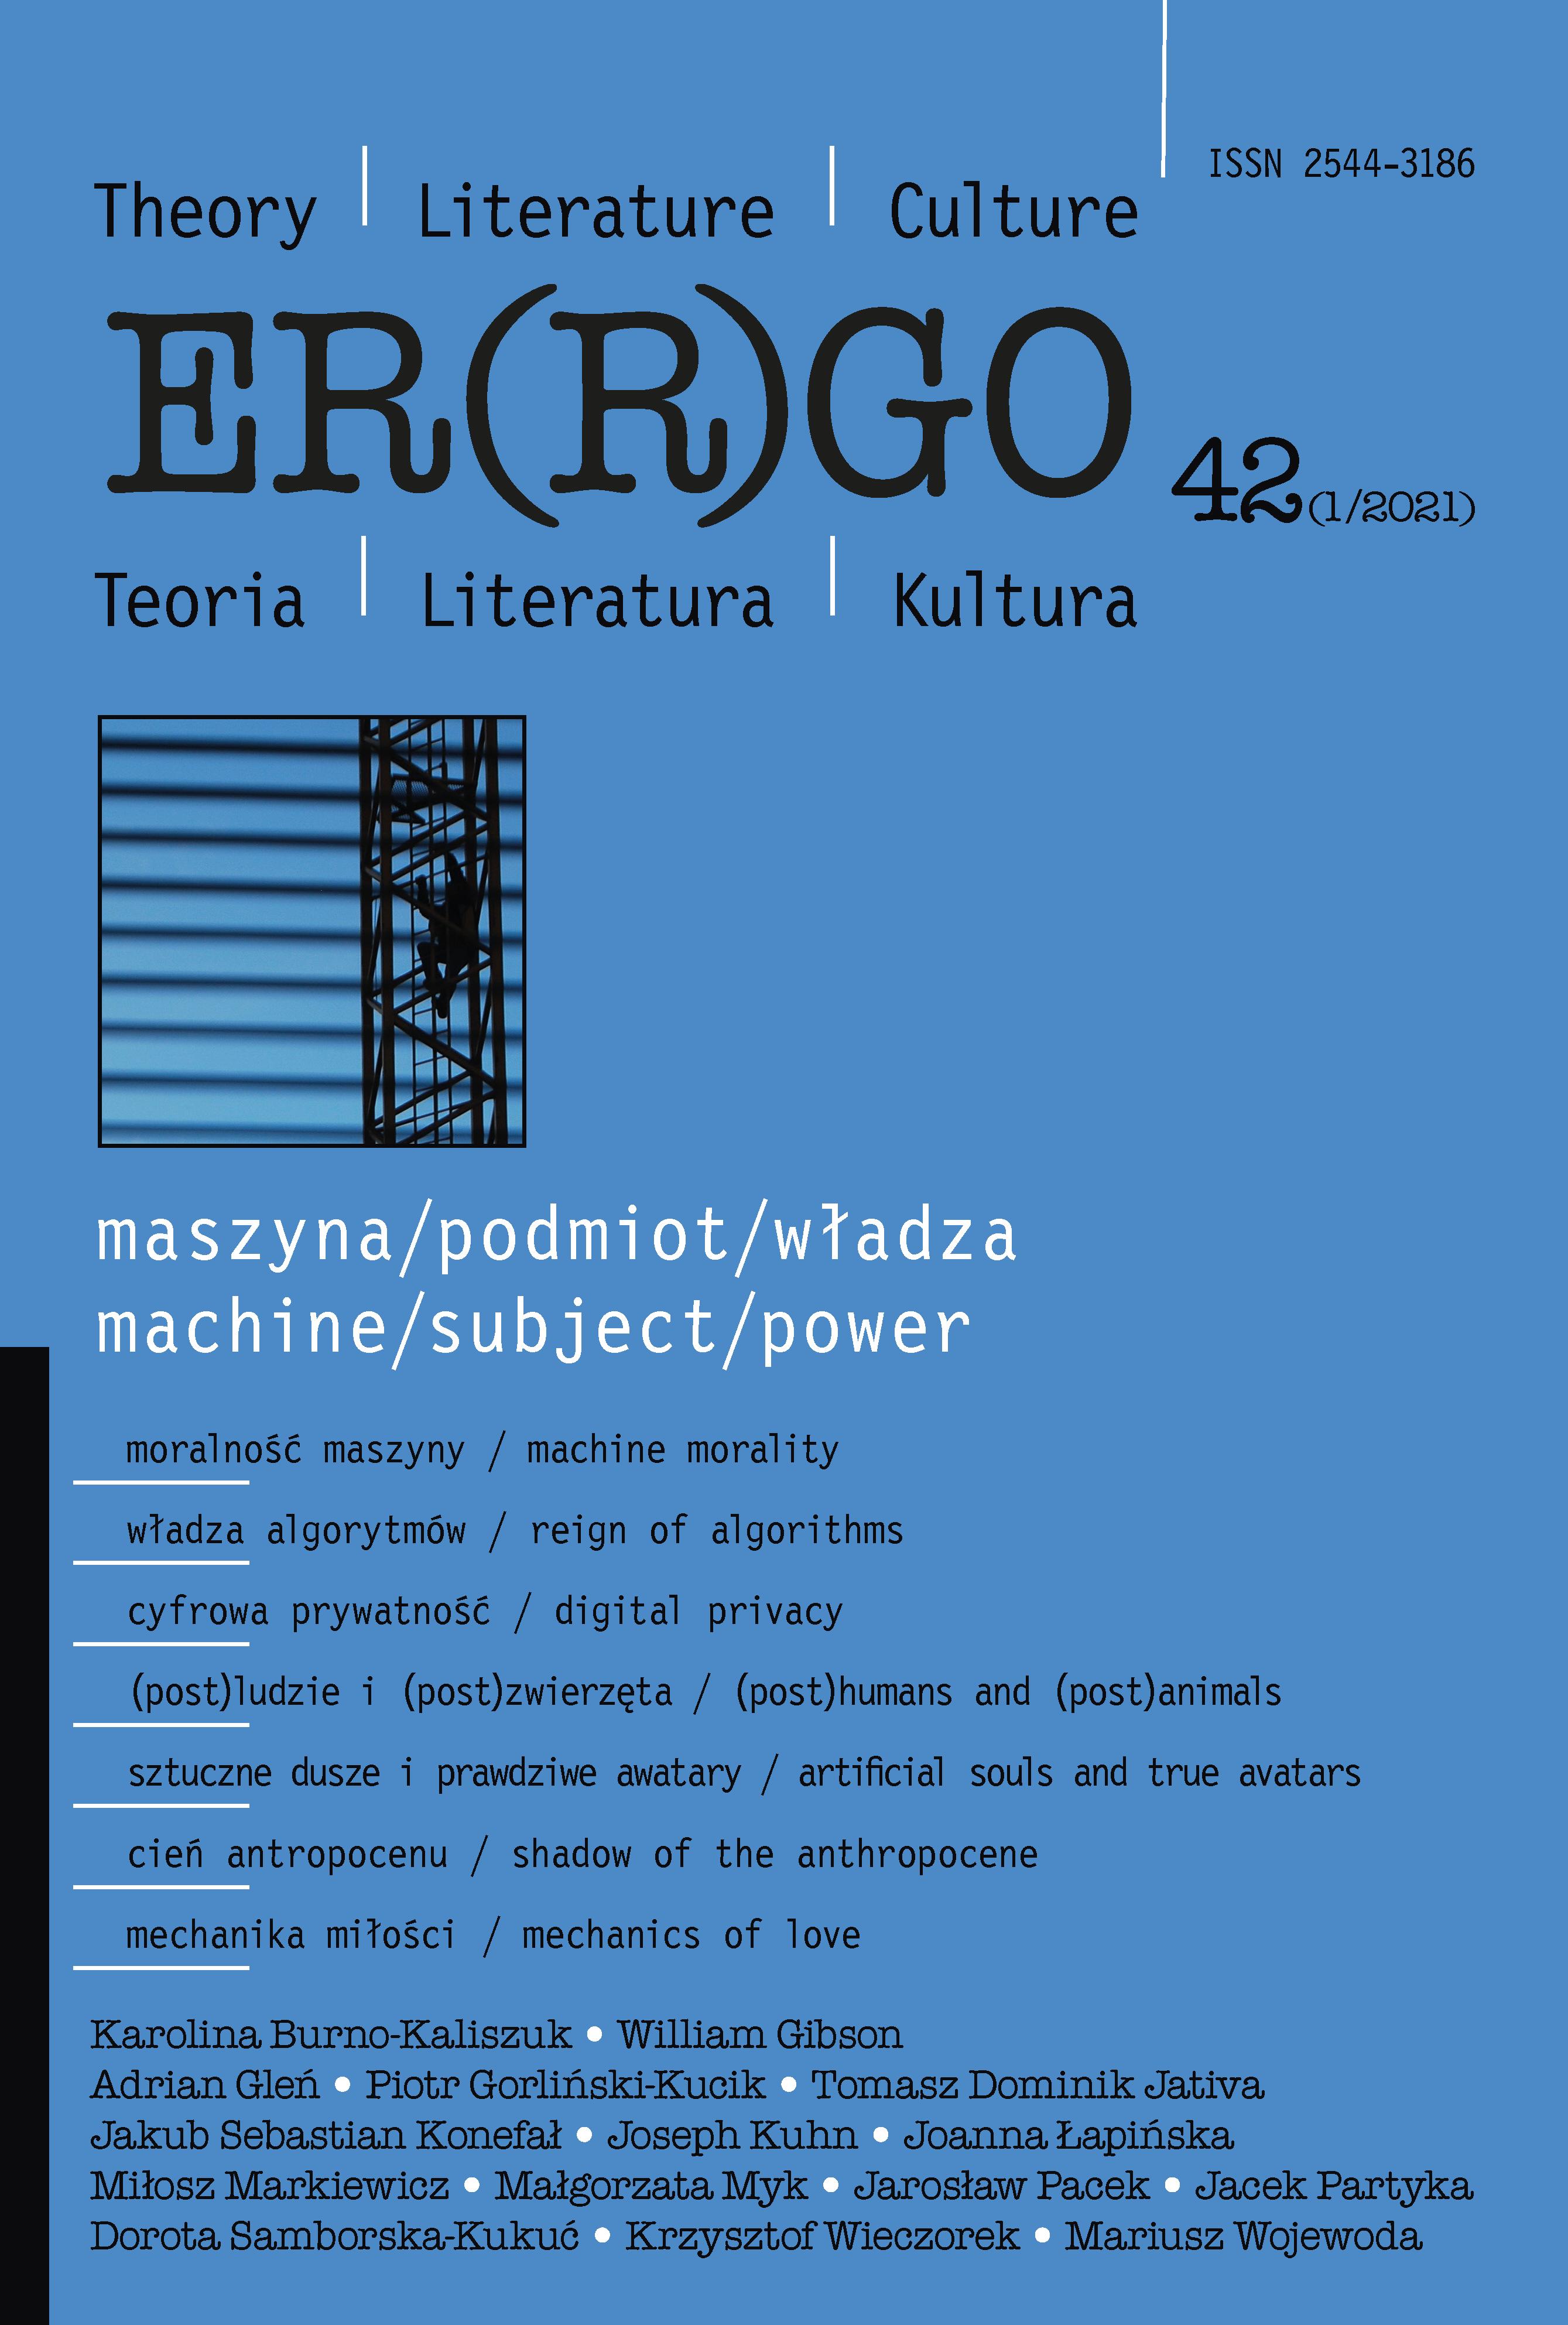 Er(r)go 42 (1/2021)